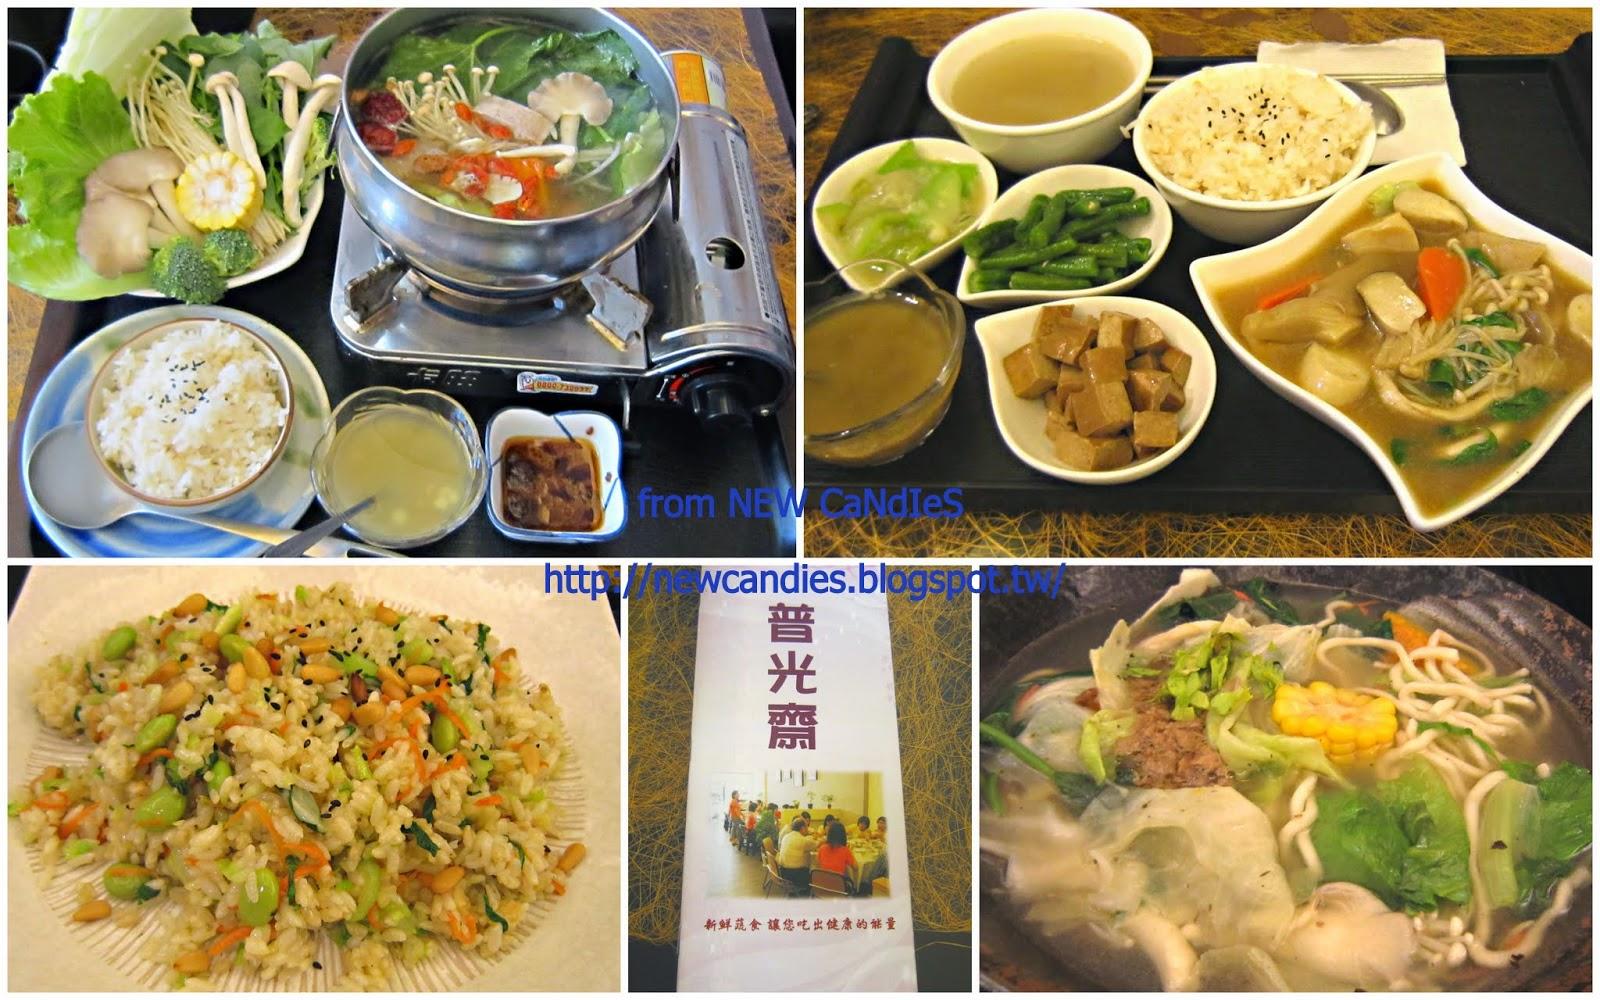 吃喝玩樂,Candies。: 【臺東】普光齋養生蔬食 ── 素食簡餐,炒飯,火鍋